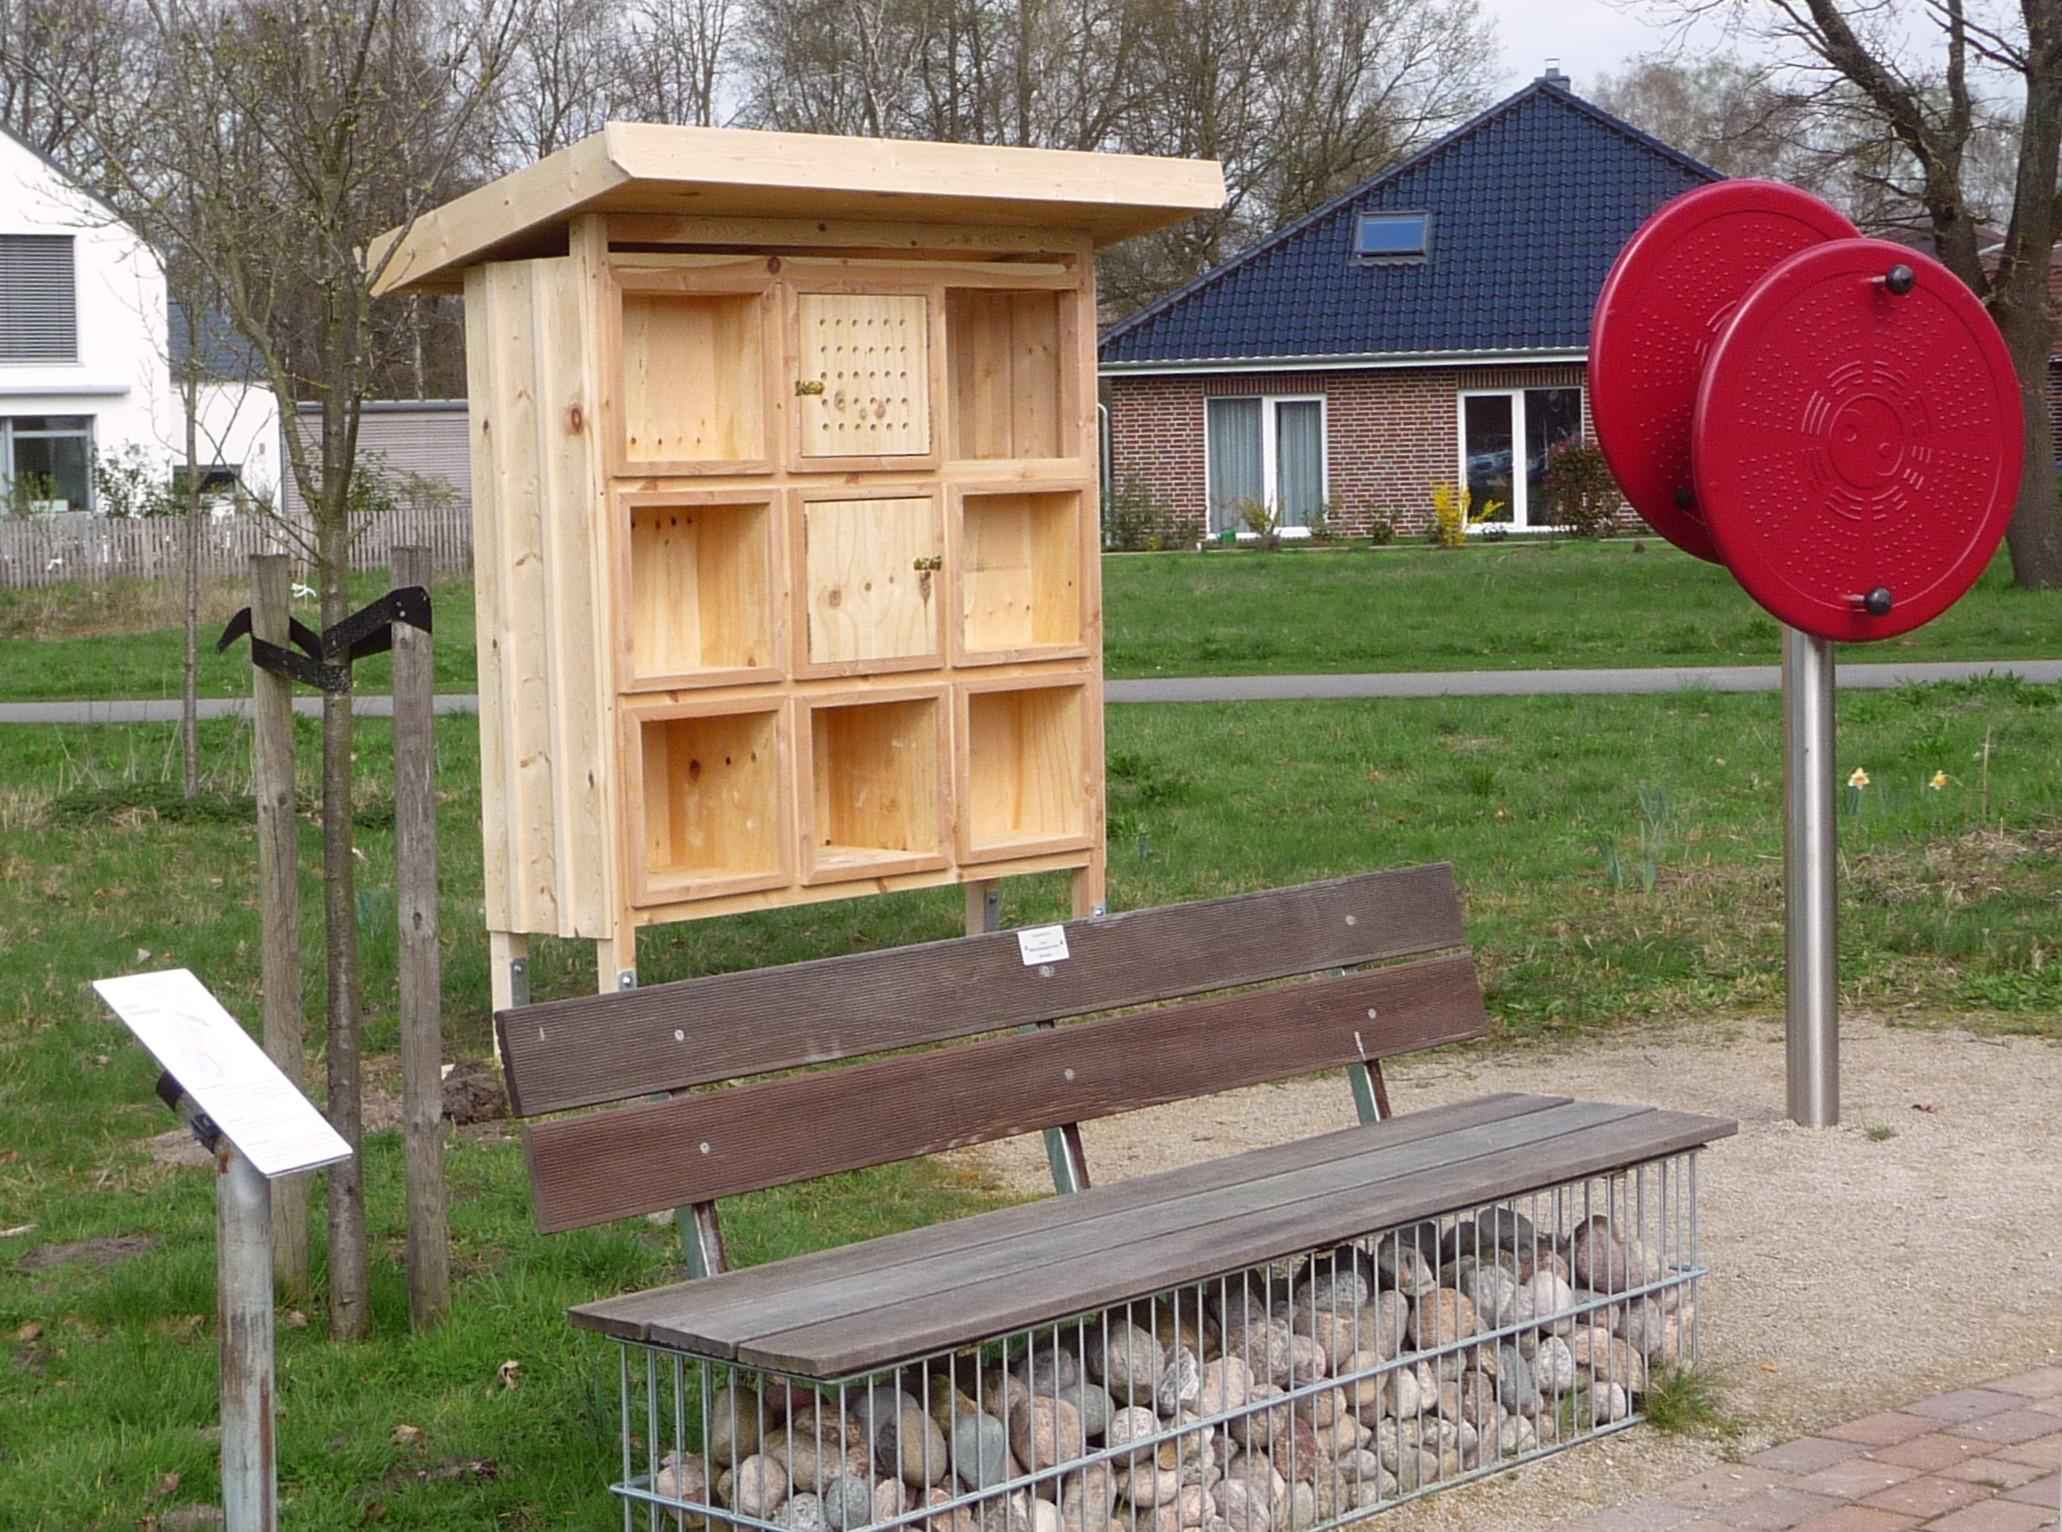 insektenhotel aufstellen insektenhotel selber bauen mit bauanleitung garten was ist ein. Black Bedroom Furniture Sets. Home Design Ideas